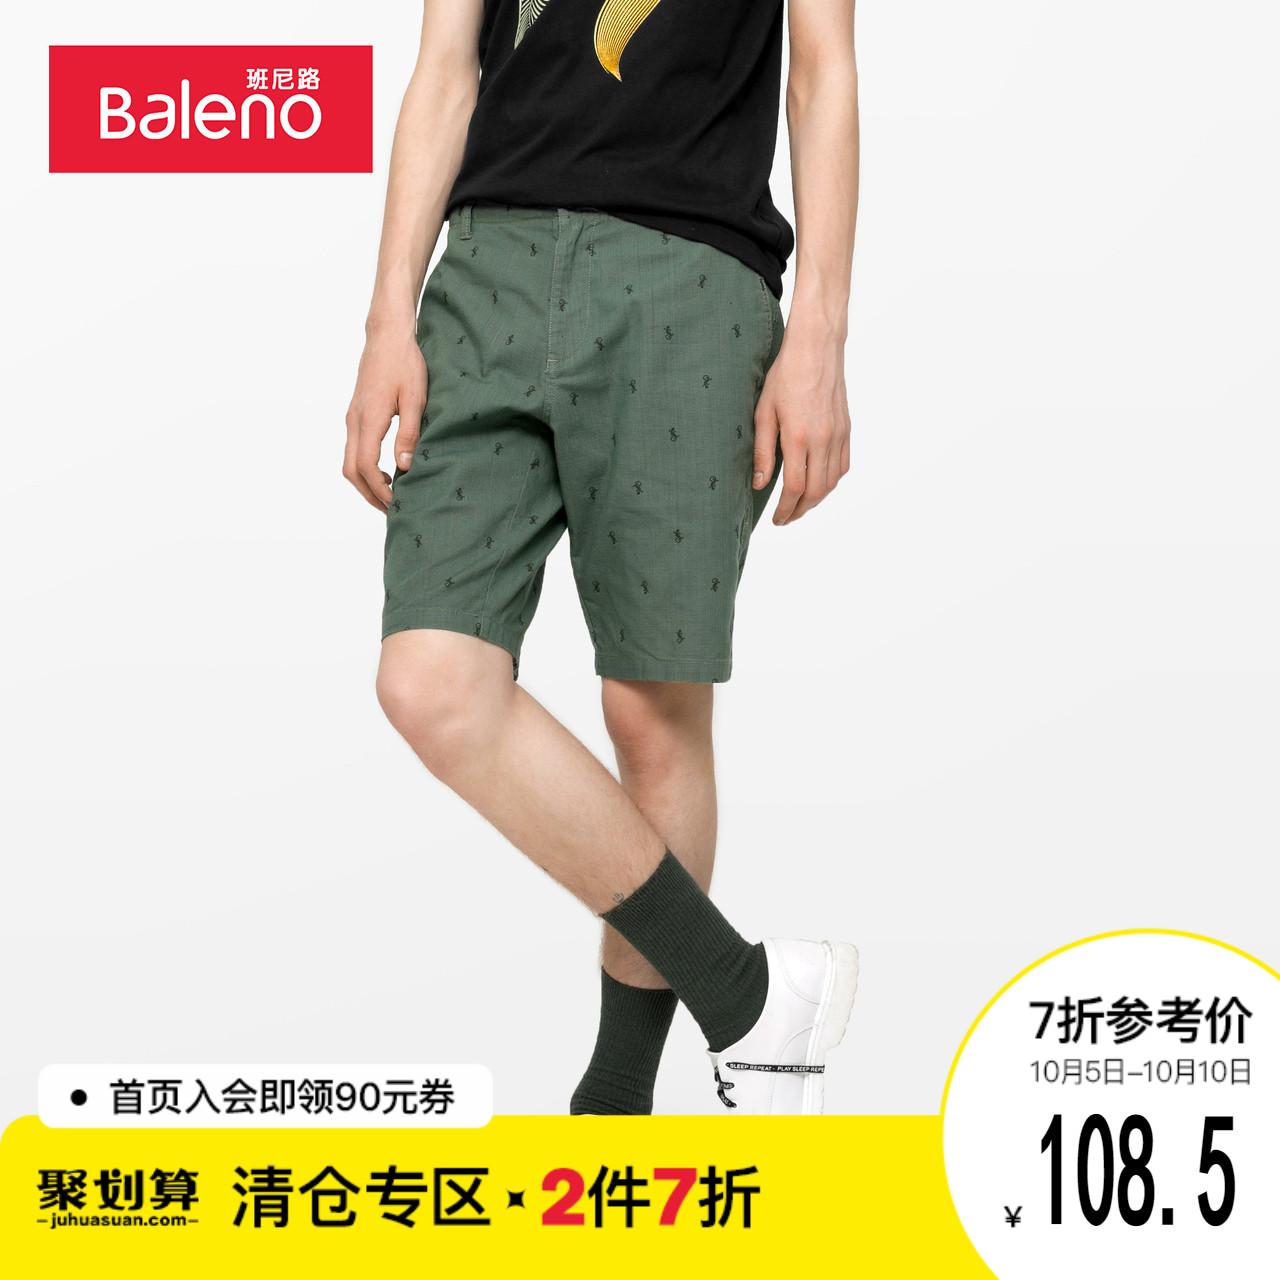 11-12新券baleno男宽松涂鸦五分裤轻薄短裤